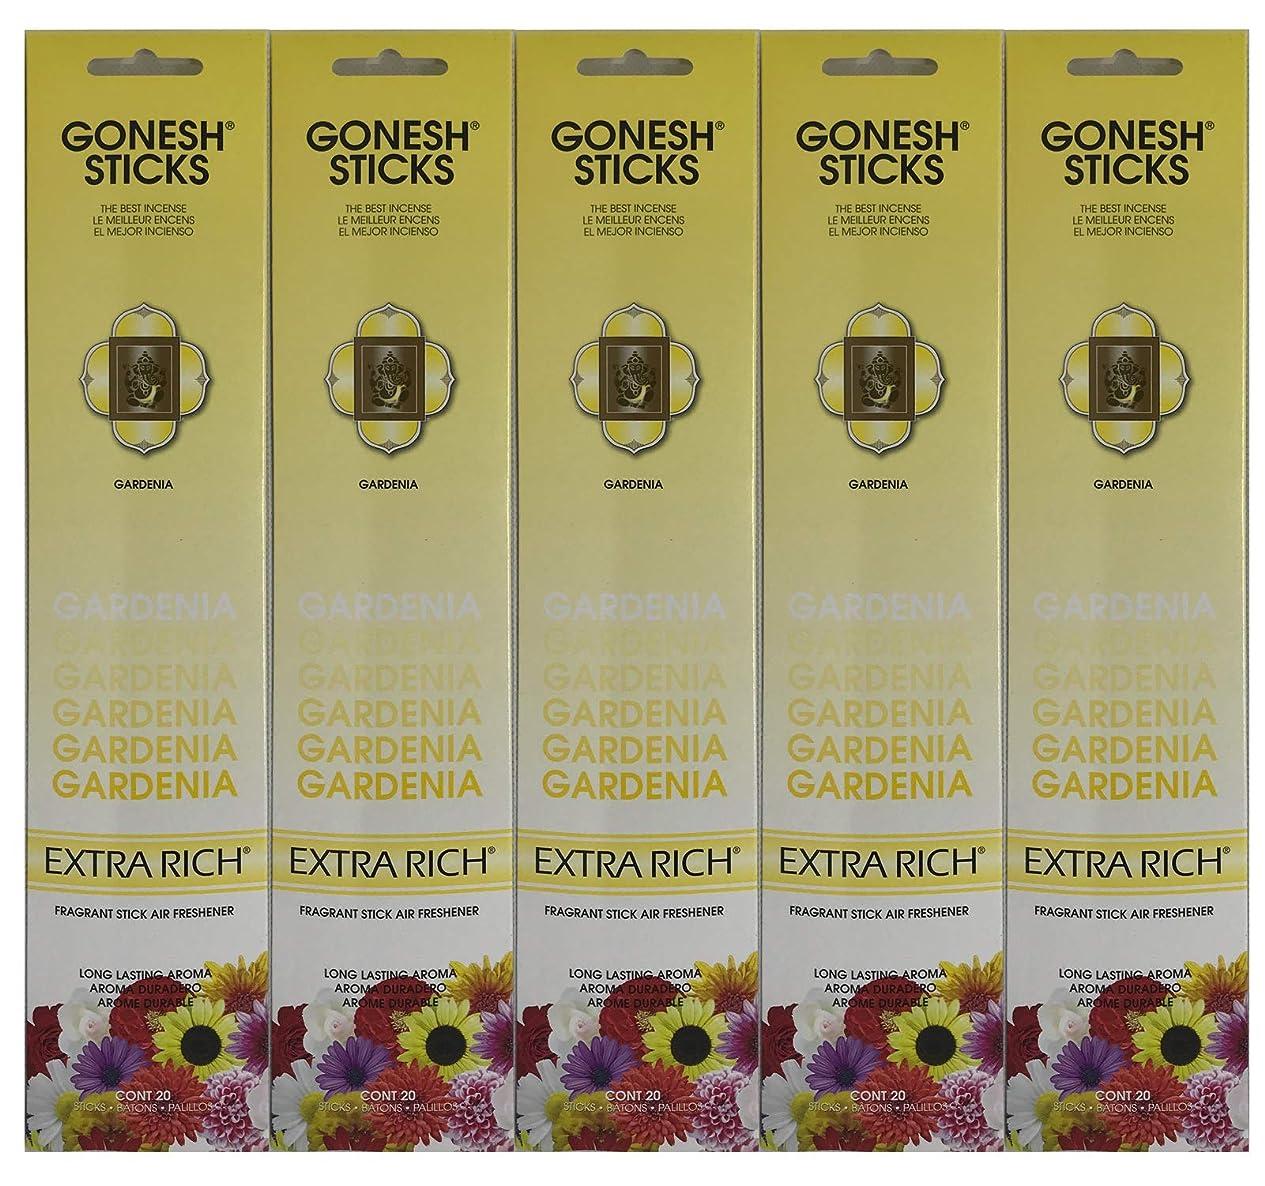 博覧会ミリメーターケージGonesh お香スティック エクストラリッチコレクション - Gardenia 5パック (合計100本)